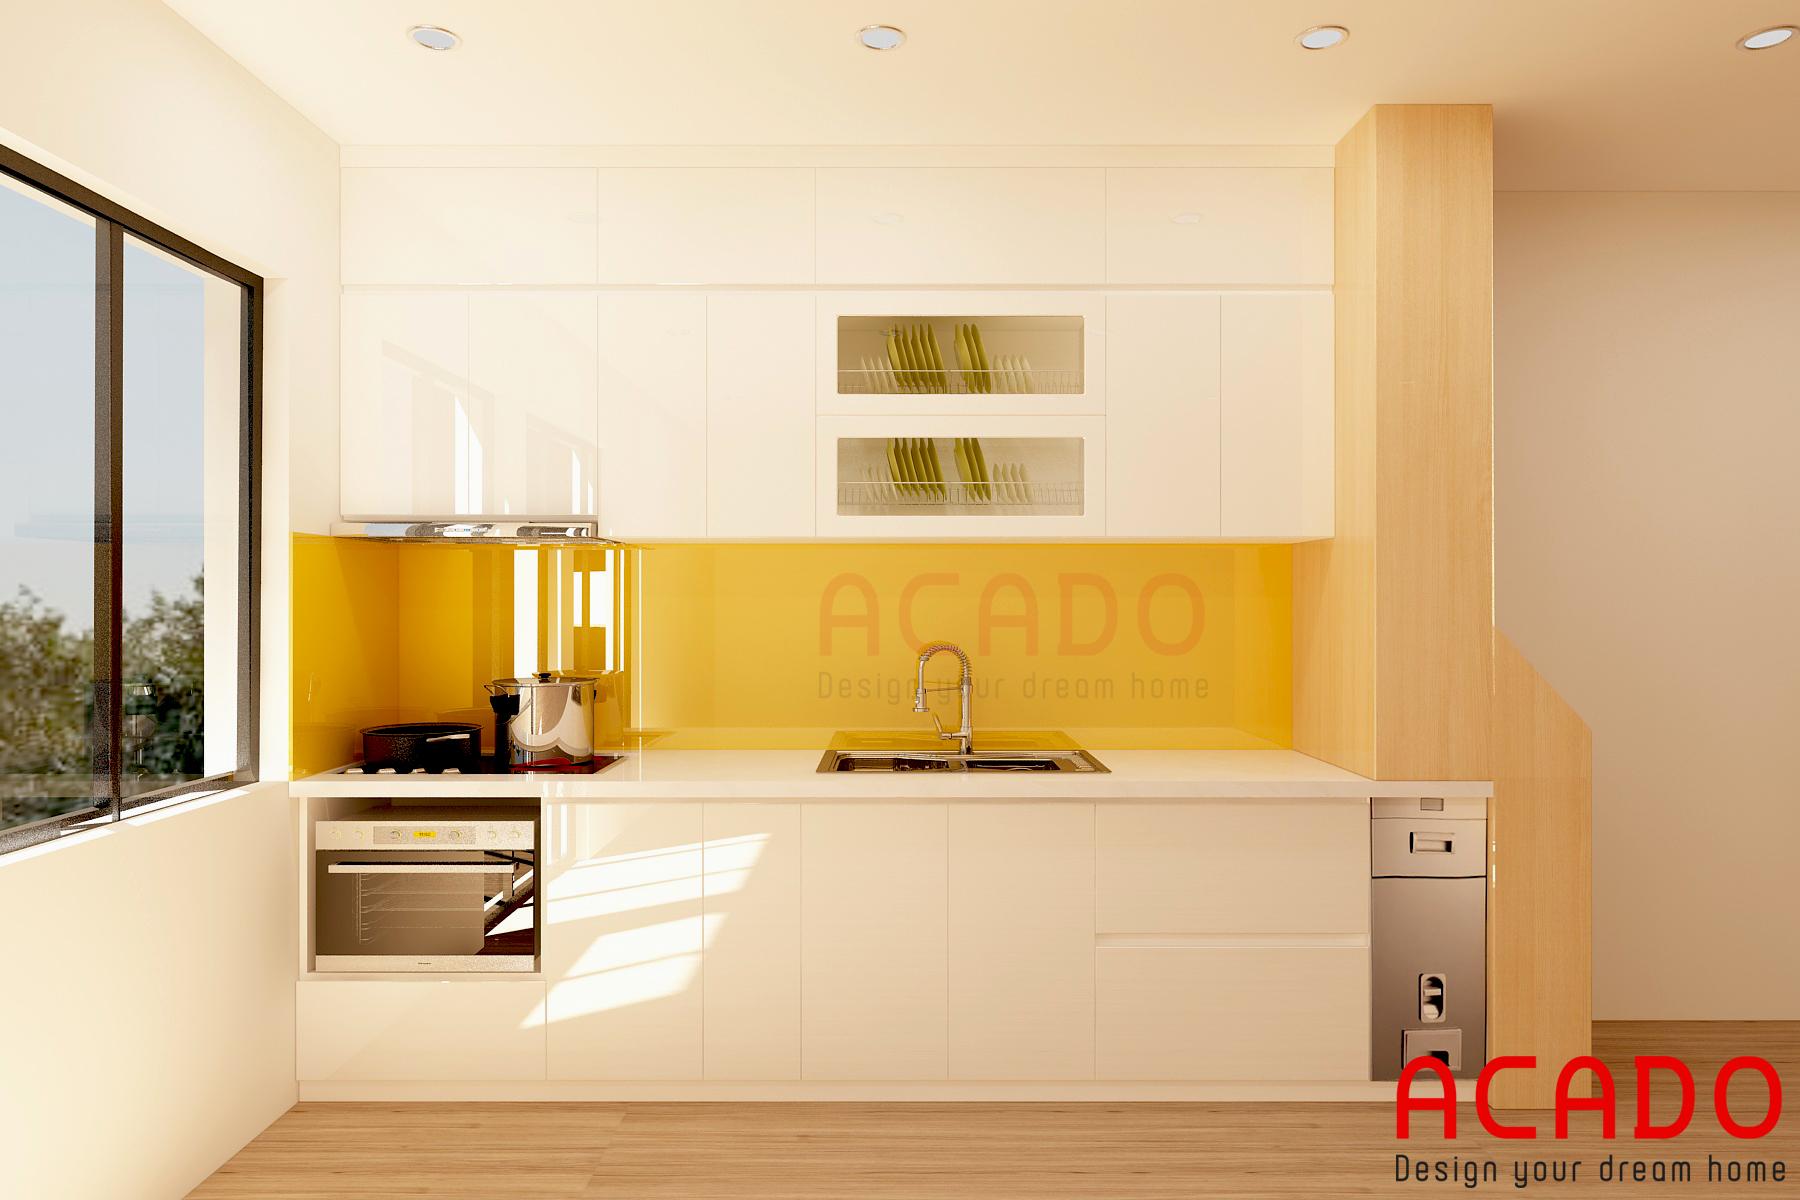 Tủ bếp Acrylic bóng gương đẹp, hiện đại - mẫu tủ bếp ACADO lên thiết kế cho khách hàng tại Thanh Xuân - Hà Nội